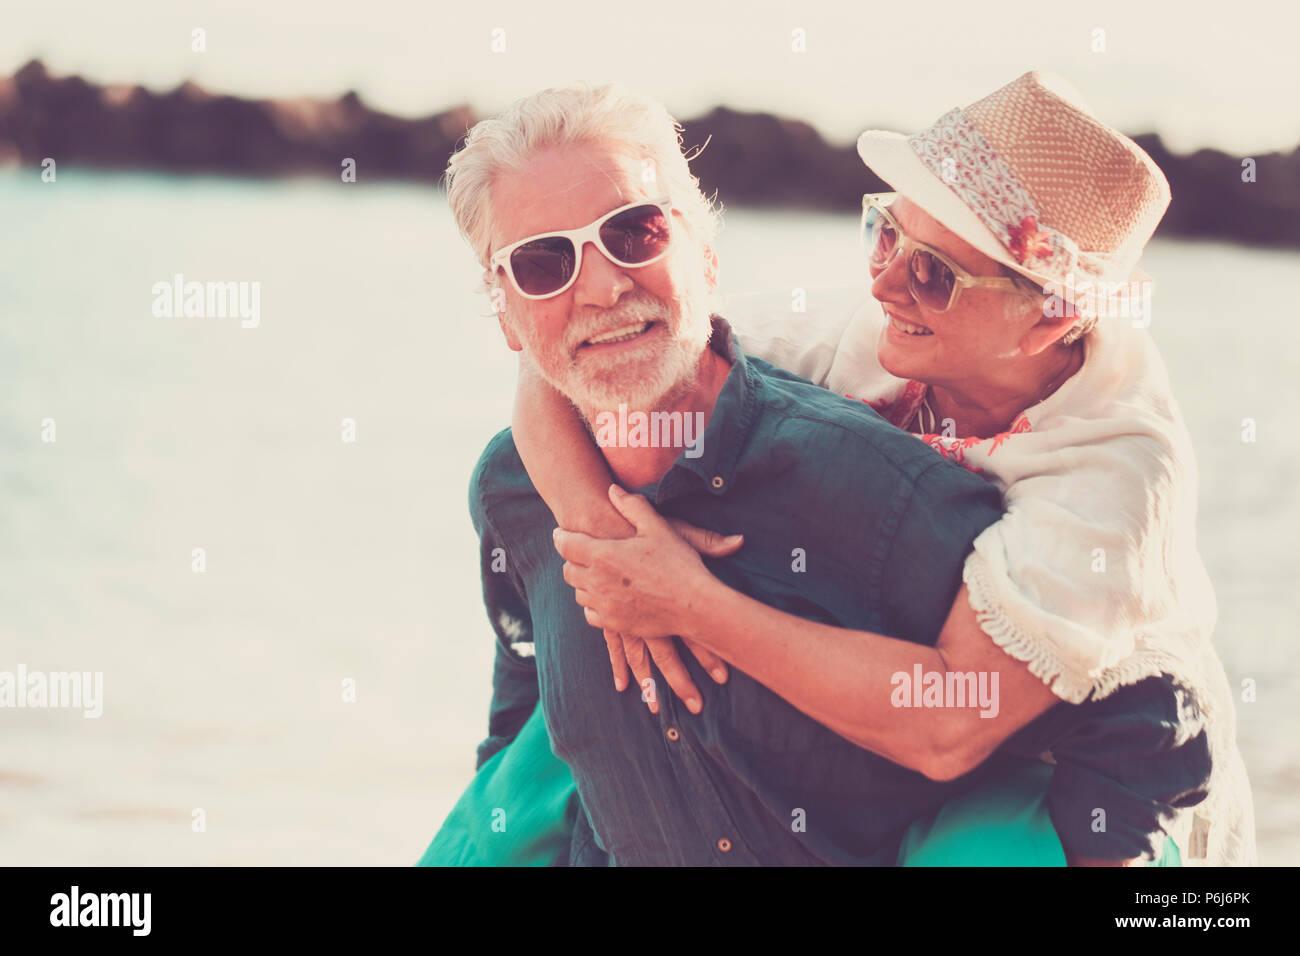 Felicidad par Pueblo Caucasiano disfrutar de la sonrisa y la actividad de ocio al aire libre durante las vacaciones de verano. Amor para siempre juntos y laughi para un macho Foto de stock